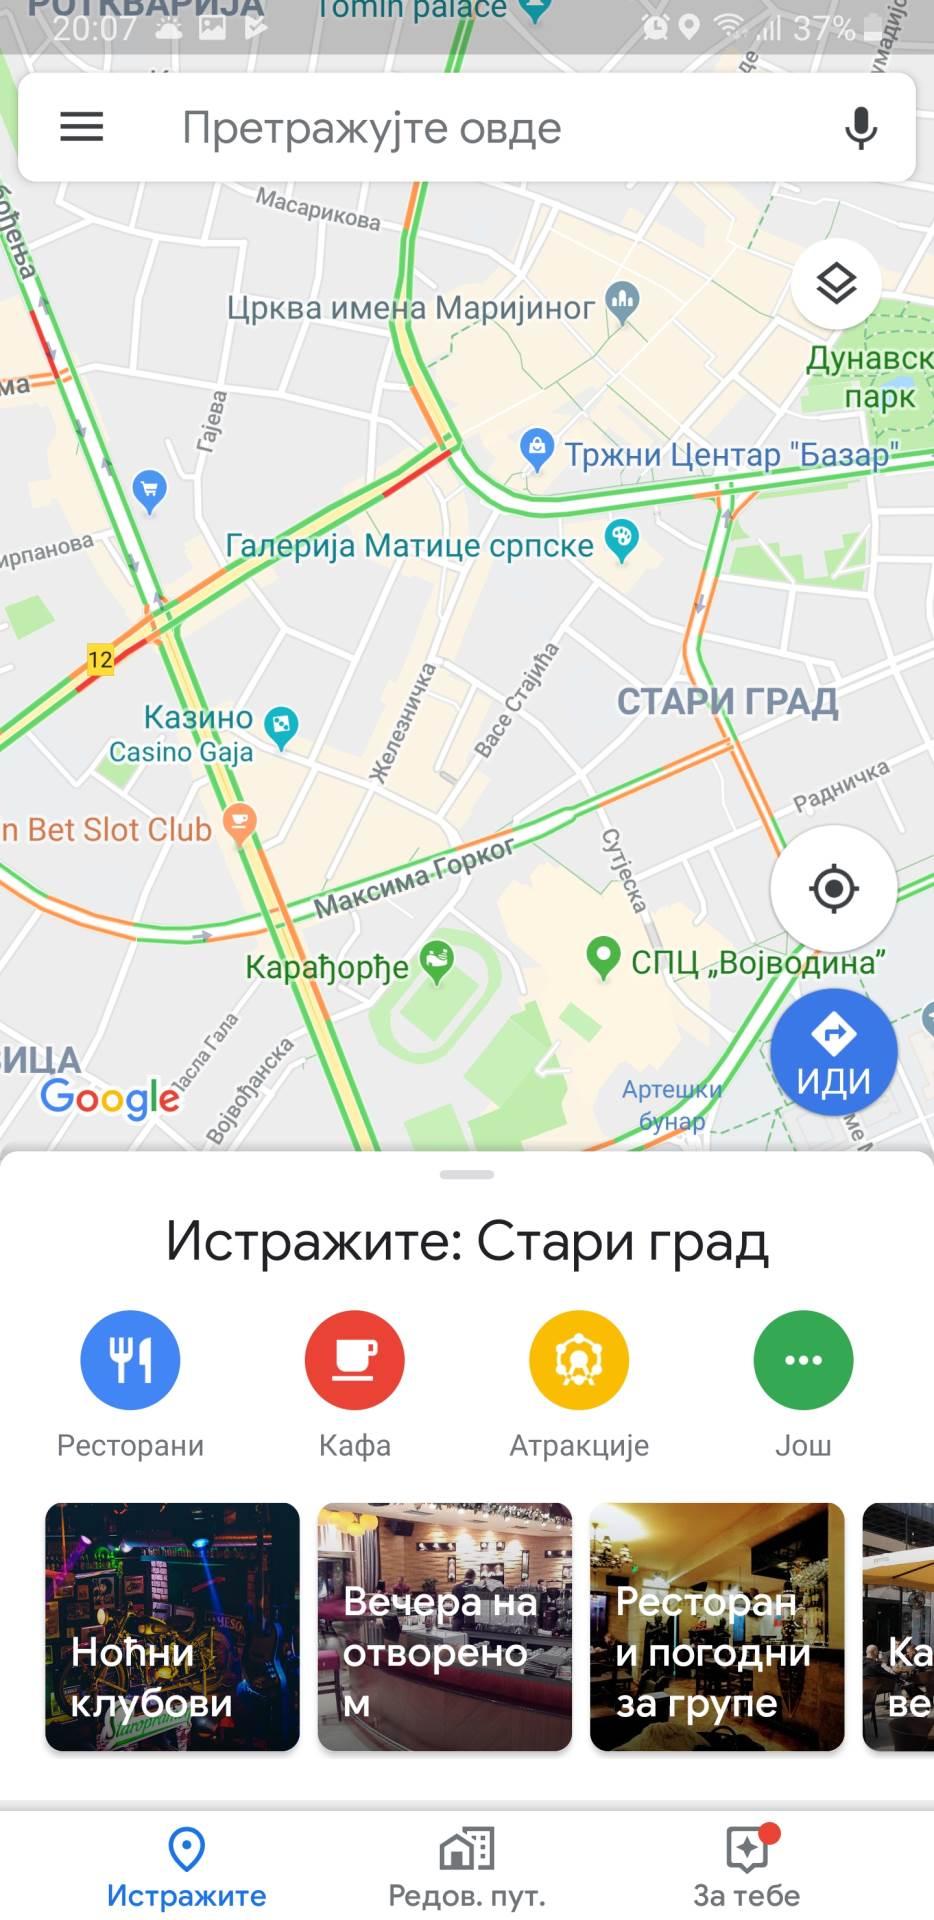 Google Maps: Pogledajte kako sad izgleda aplikacija